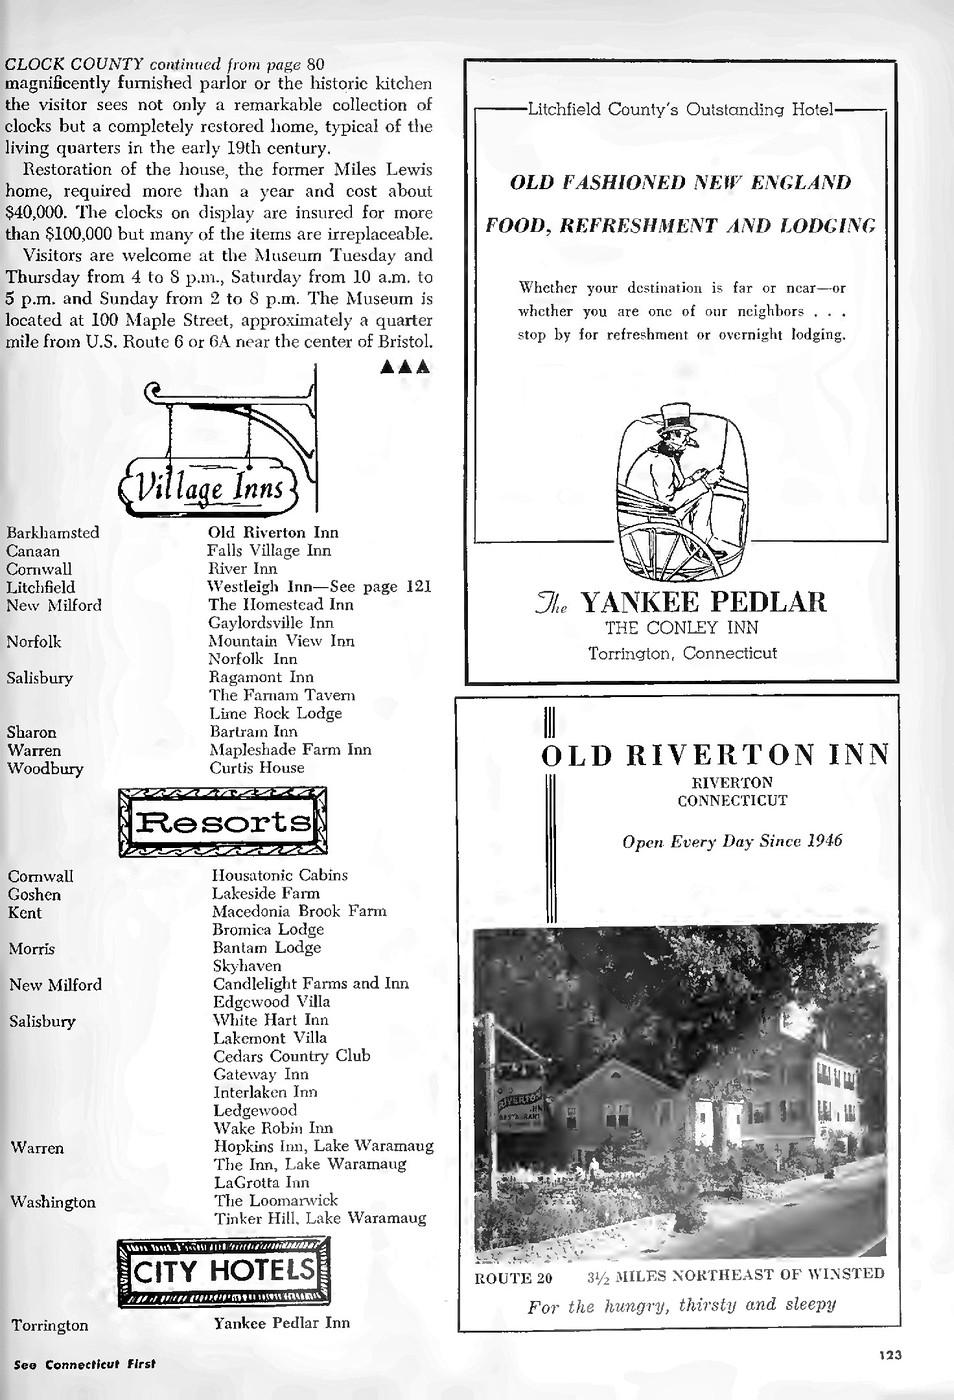 PAGE123-vi.jpg